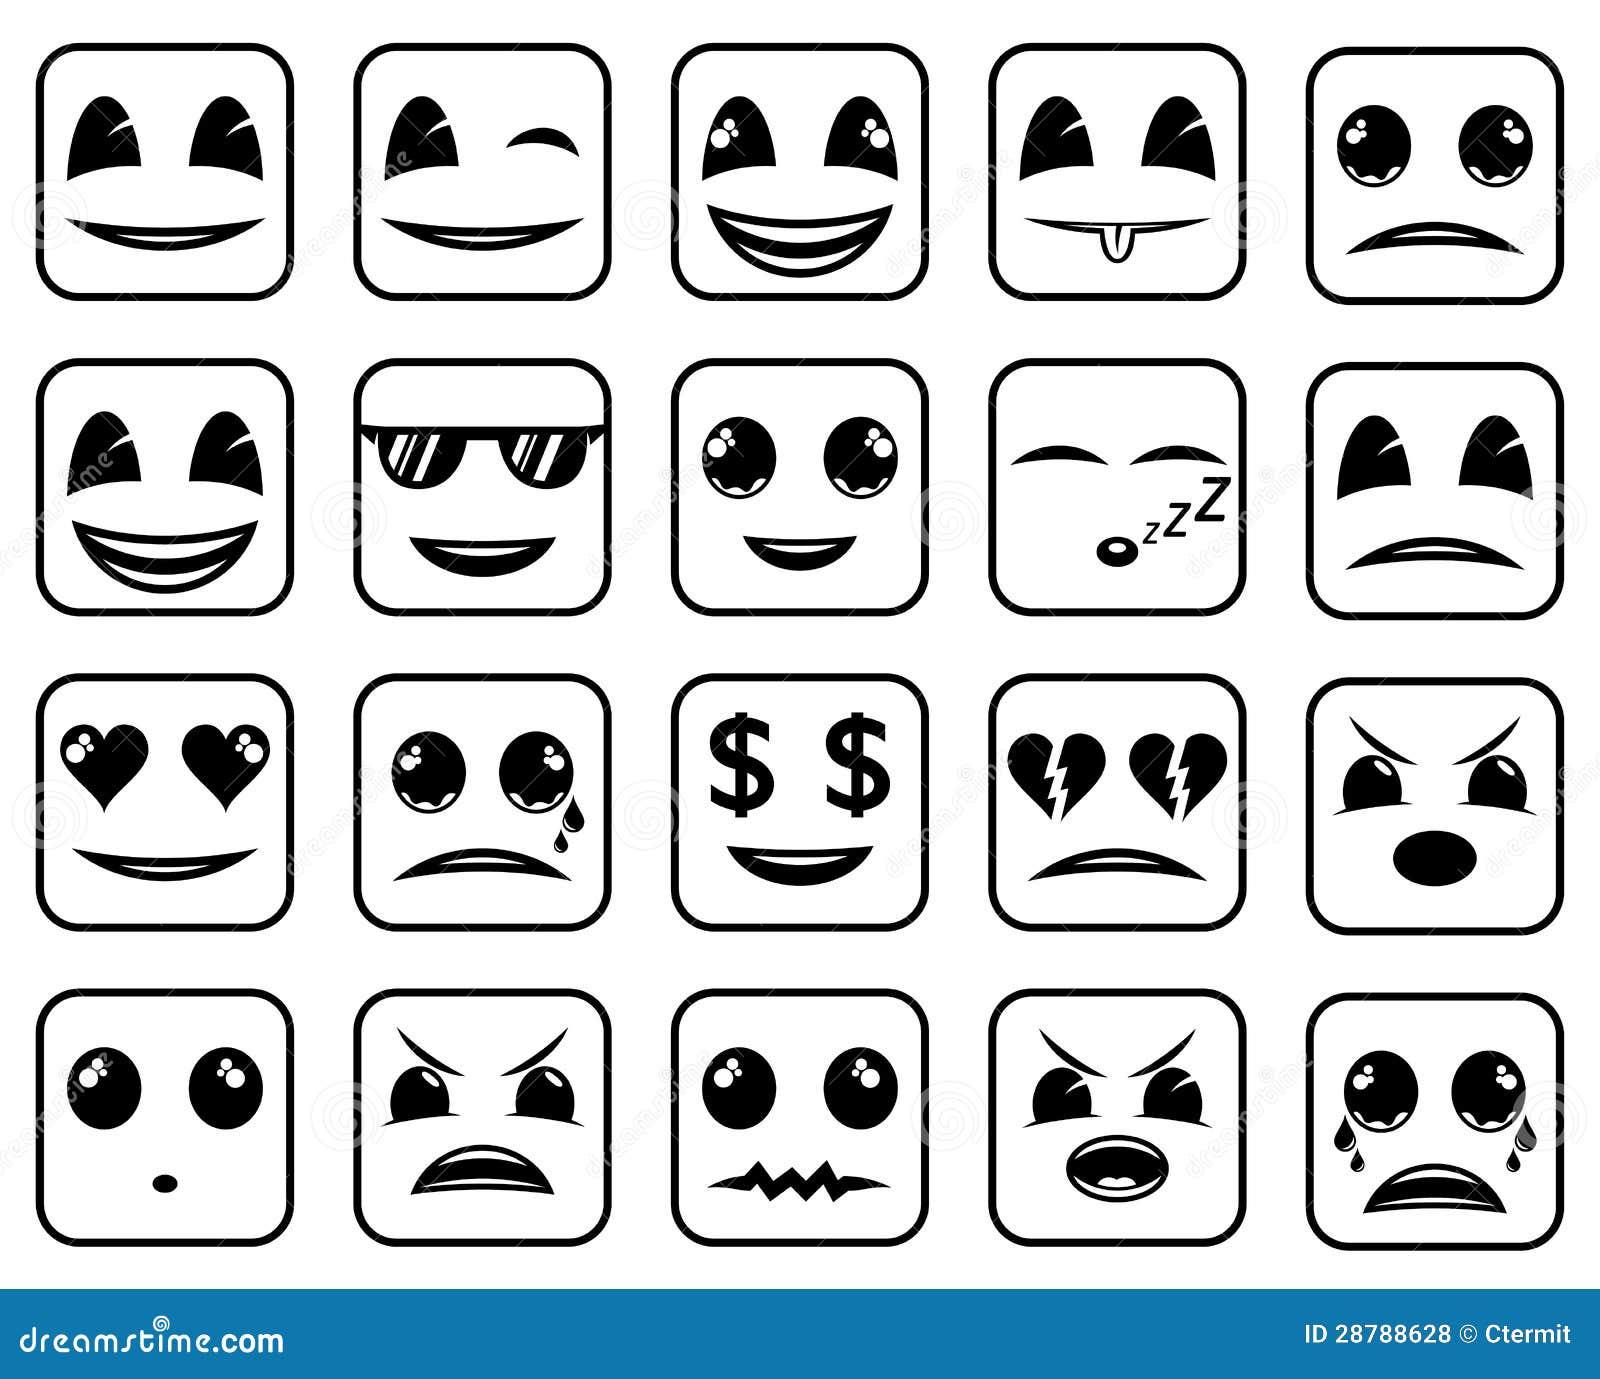 Image Sawamura Angry Png: De Gezichtenpictogrammen Van Smiley Vector Illustratie